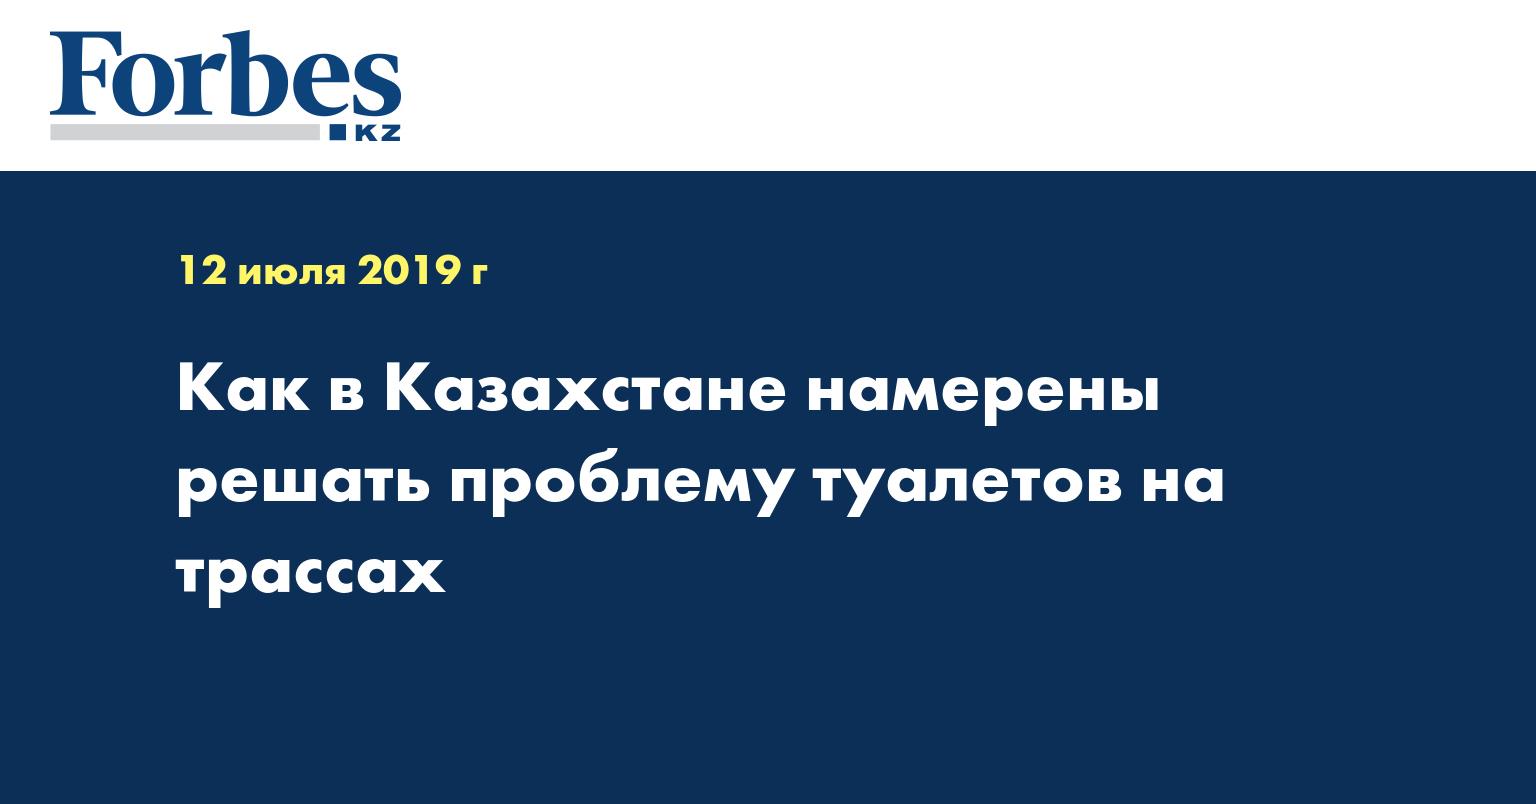 Как в Казахстане намерены решать проблему туалетов на трассах